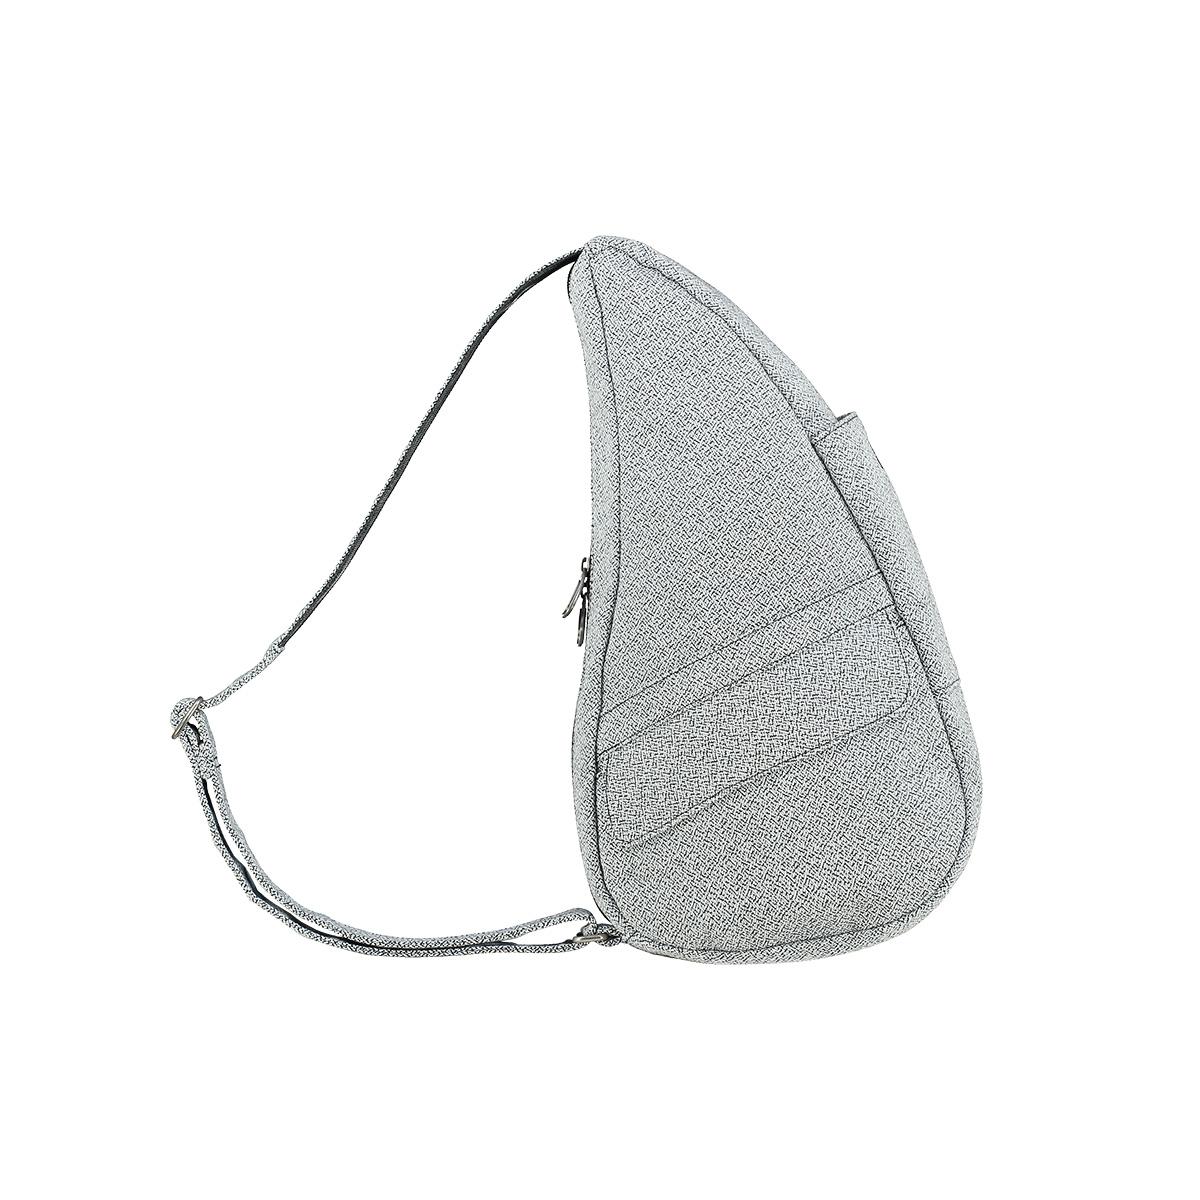 Healthy Back Bag/ヘルシーバックバッグ/ショルダーバッグ/ボディバッグ/旅行バッグ/軽量/レディース/メンズ 《限定ポーチ付》 公式ストア ヘルシーバックバッグ スタティック Sサイズ